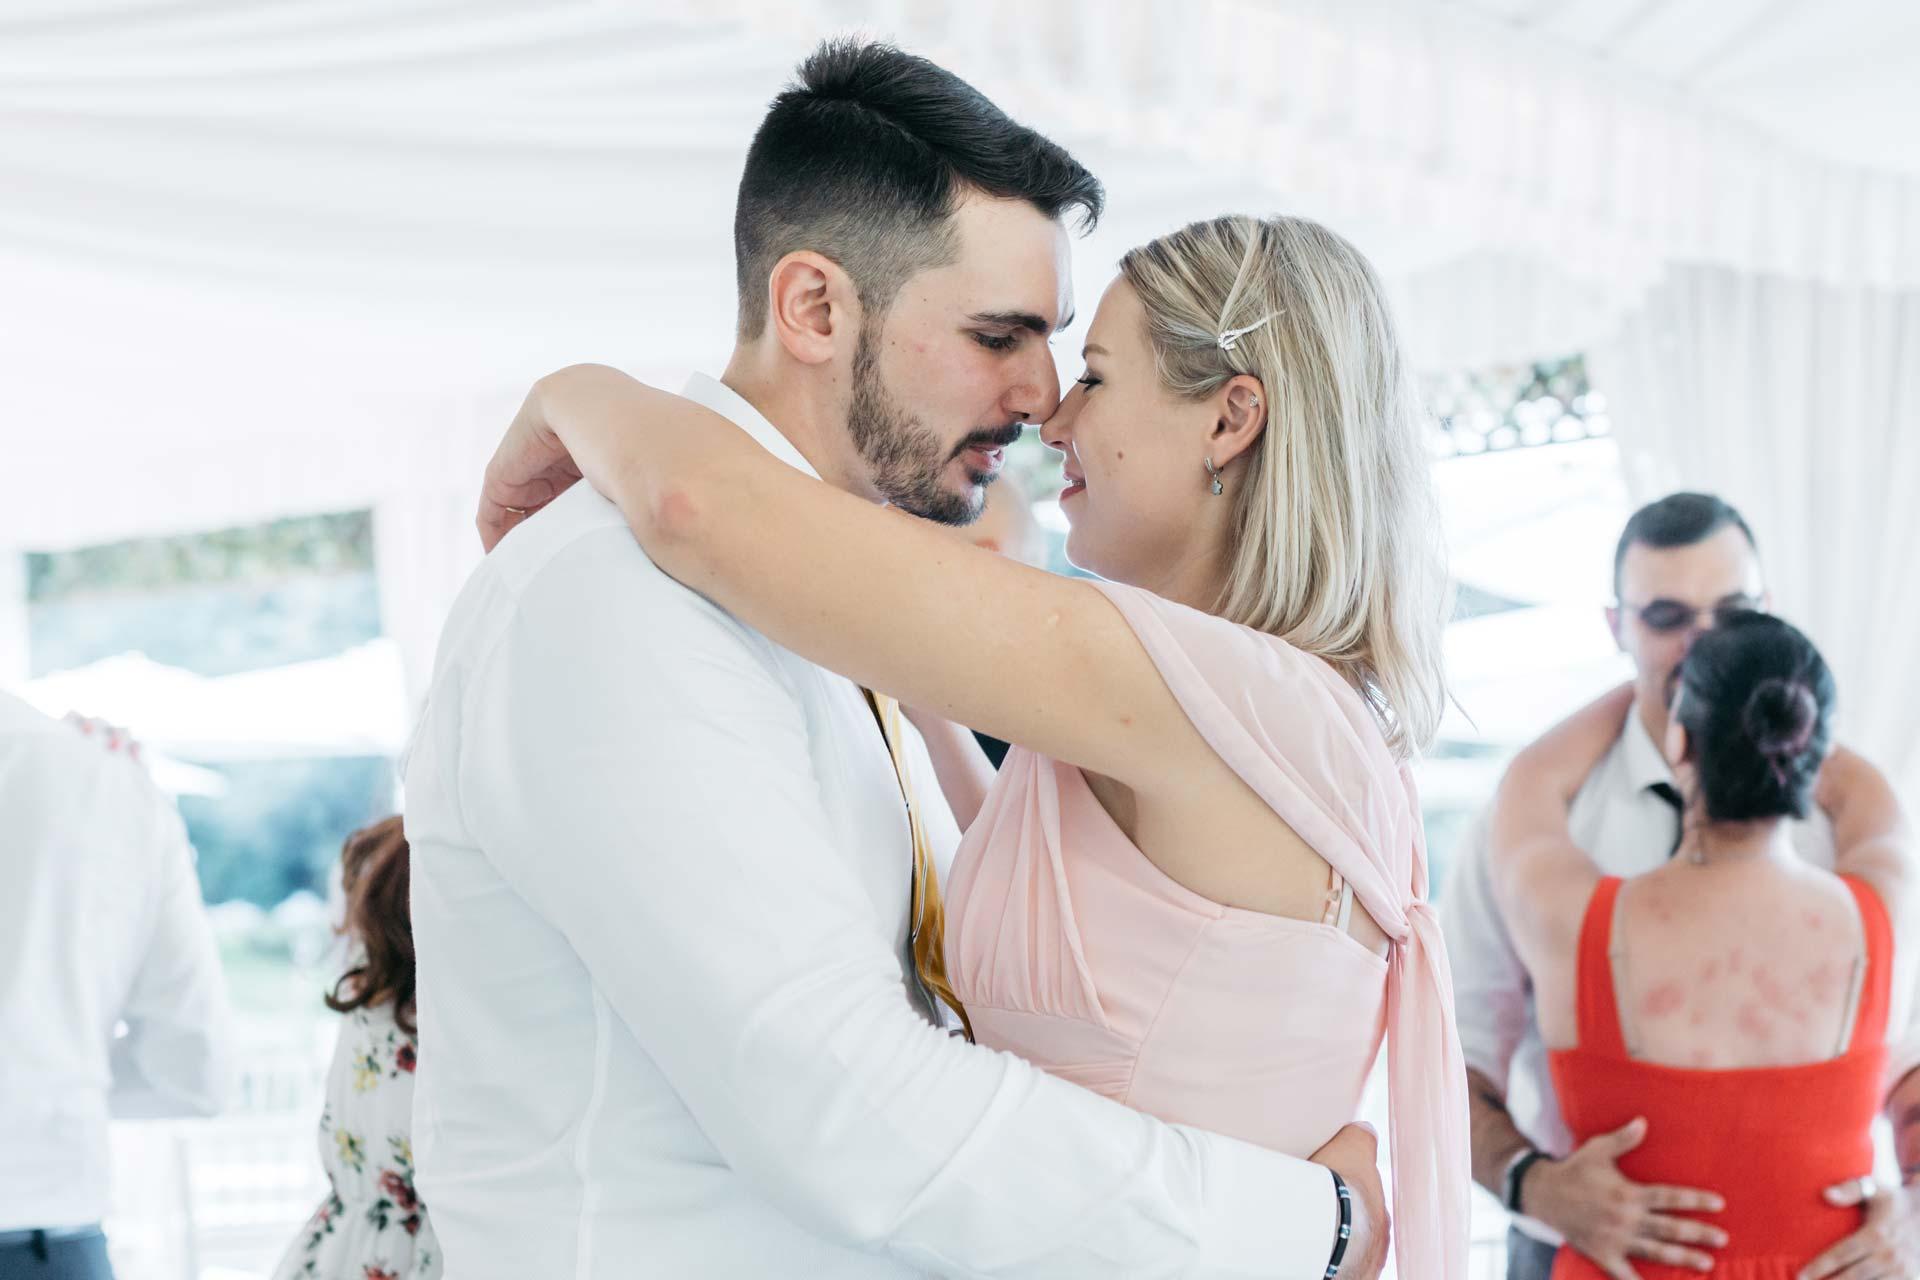 foto-matrimonio-reportage-f&a-6